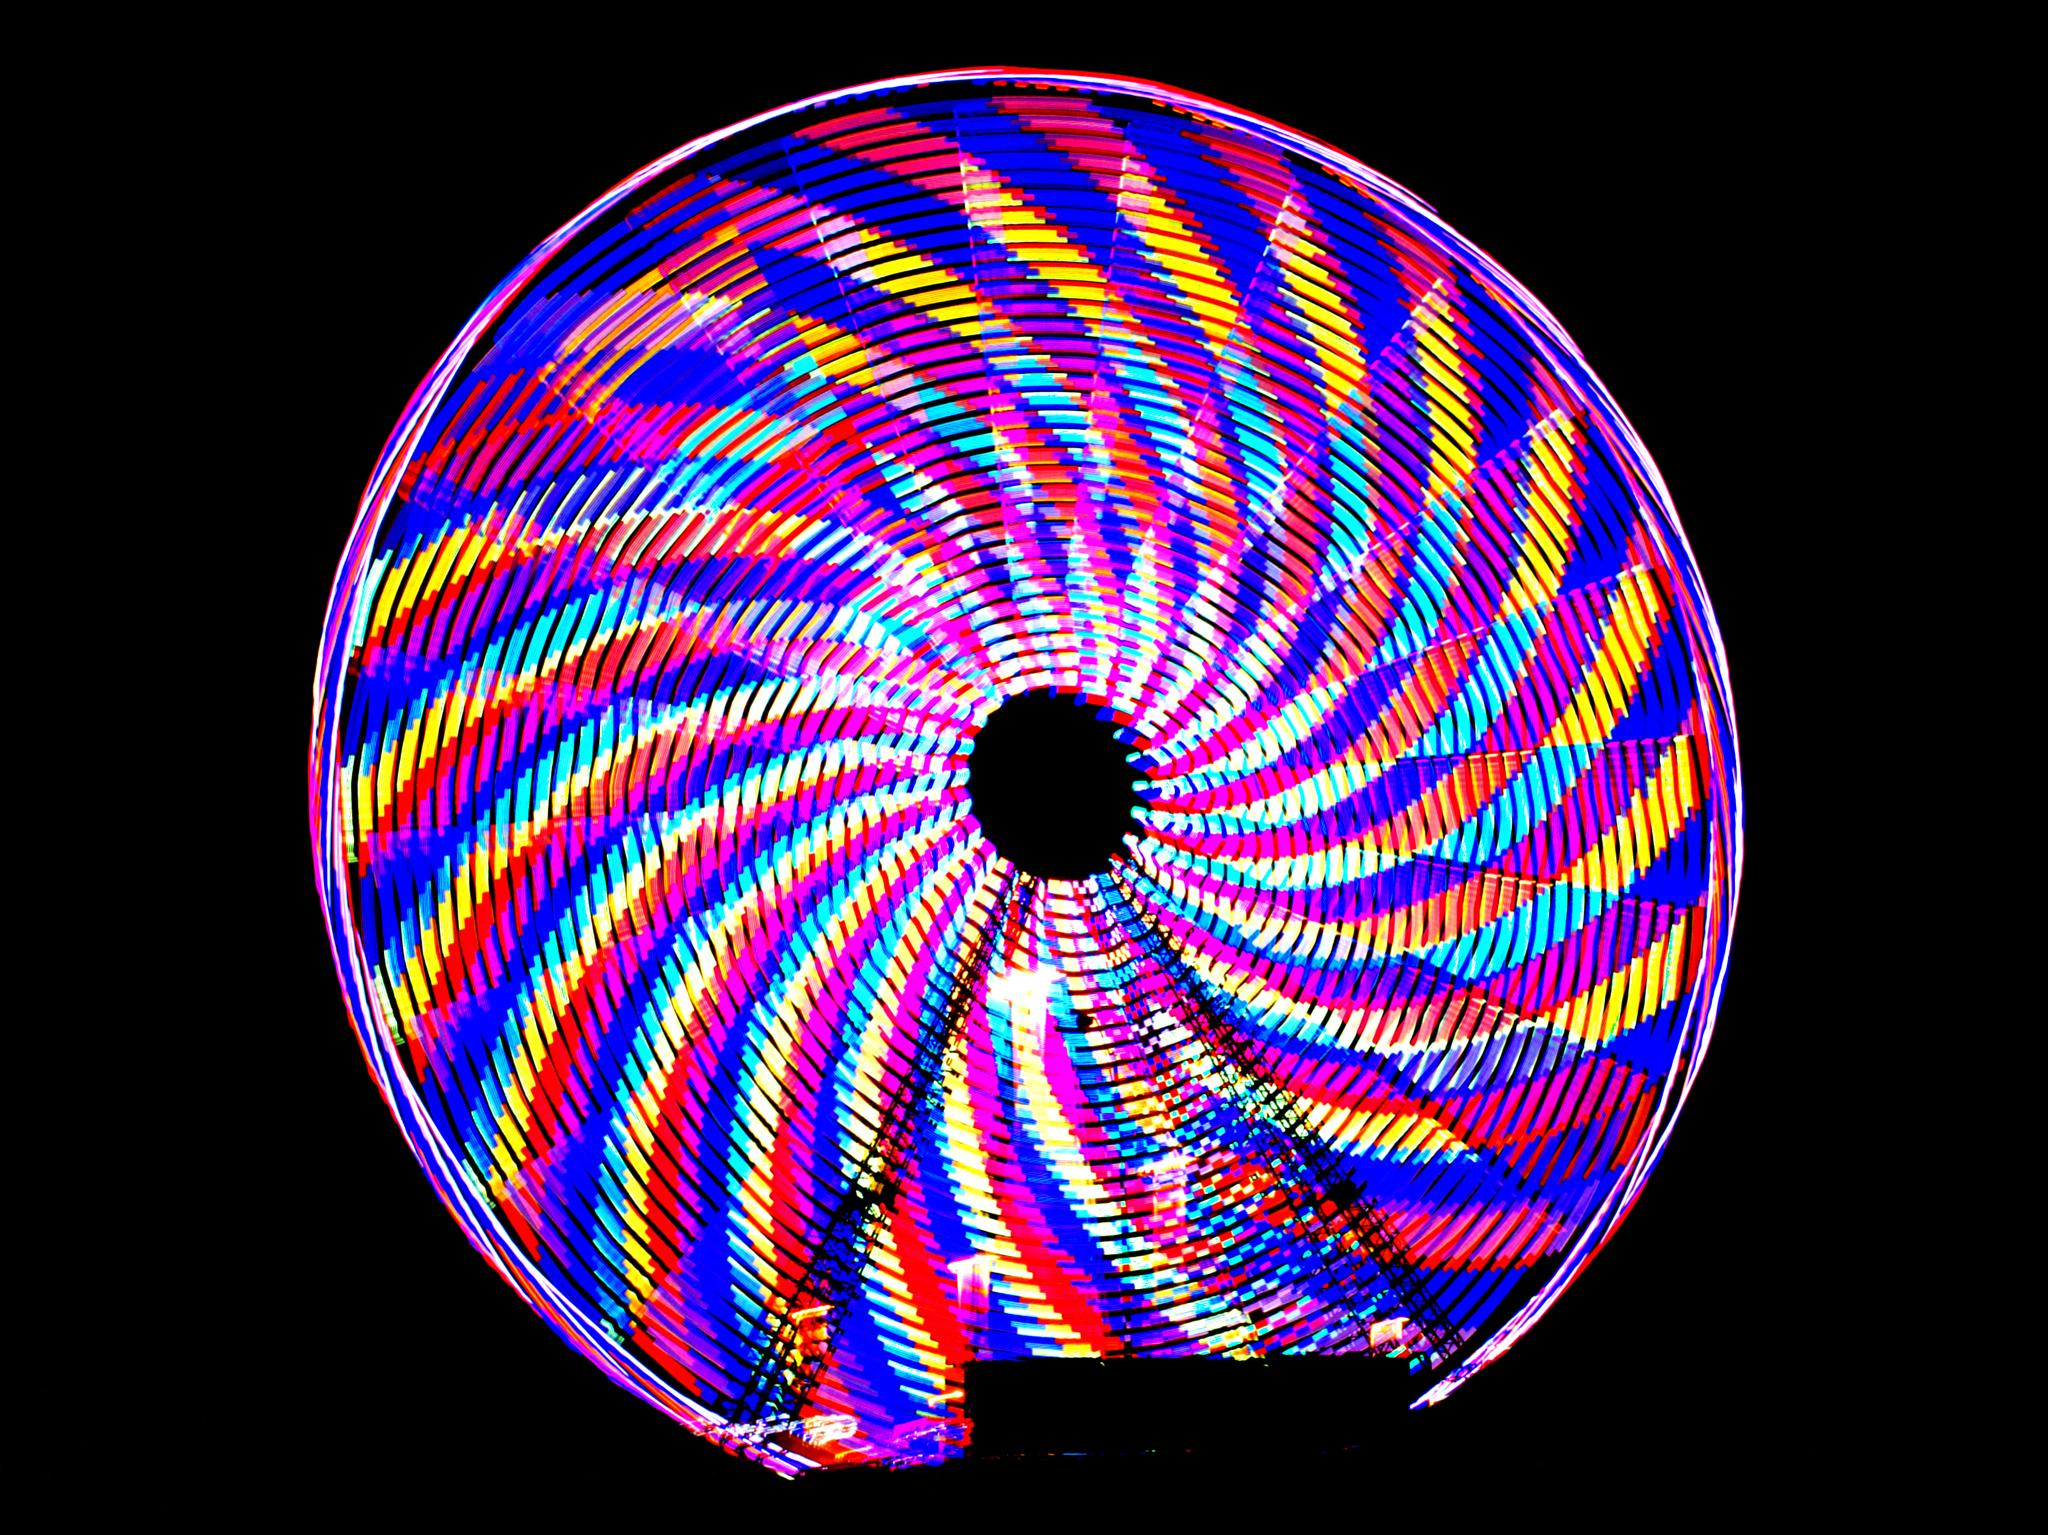 Landmark Pinwheel by Wayne V. Hall (WALL Photography and Design)